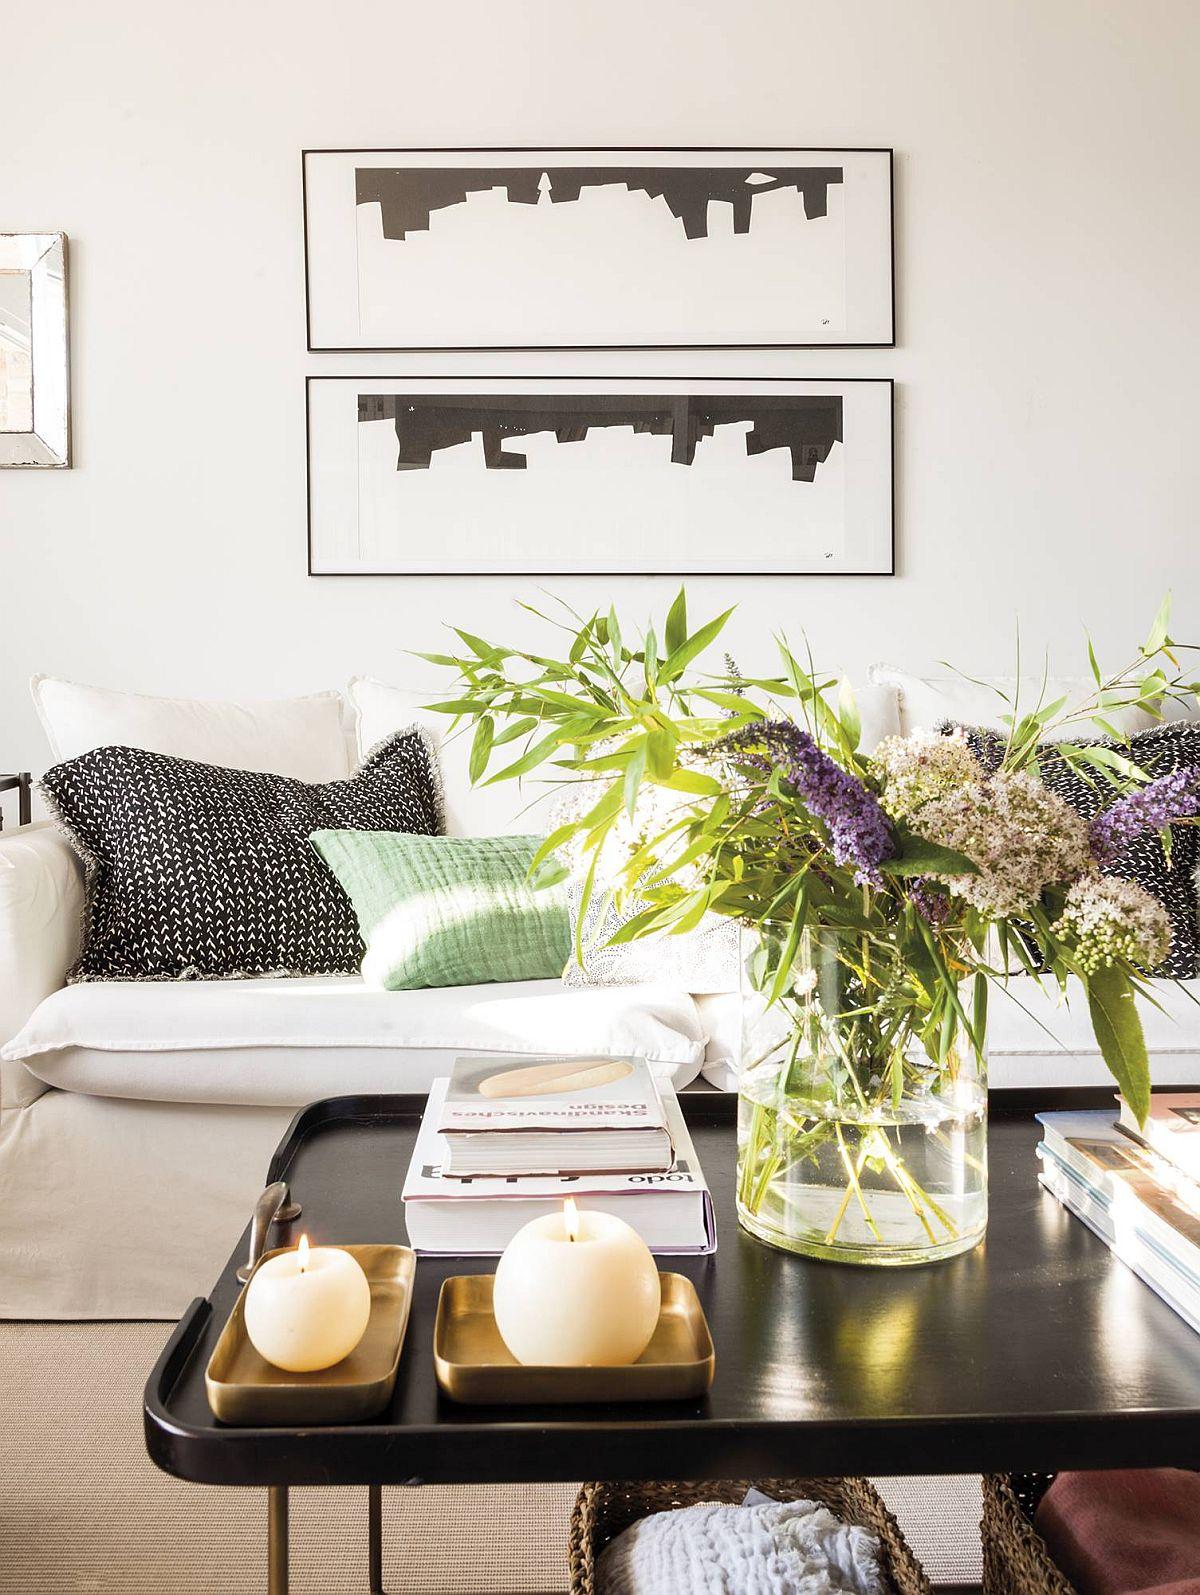 Canapeaua are tapițerie albă pentru ca în relație cu peretele alb din spate să nu se creeze un contrast prea mare. Astfel, cea mai mare piesă de mobilier din cameră destinată șederii nu pare masivă, deși este o piesă voluminoasă.